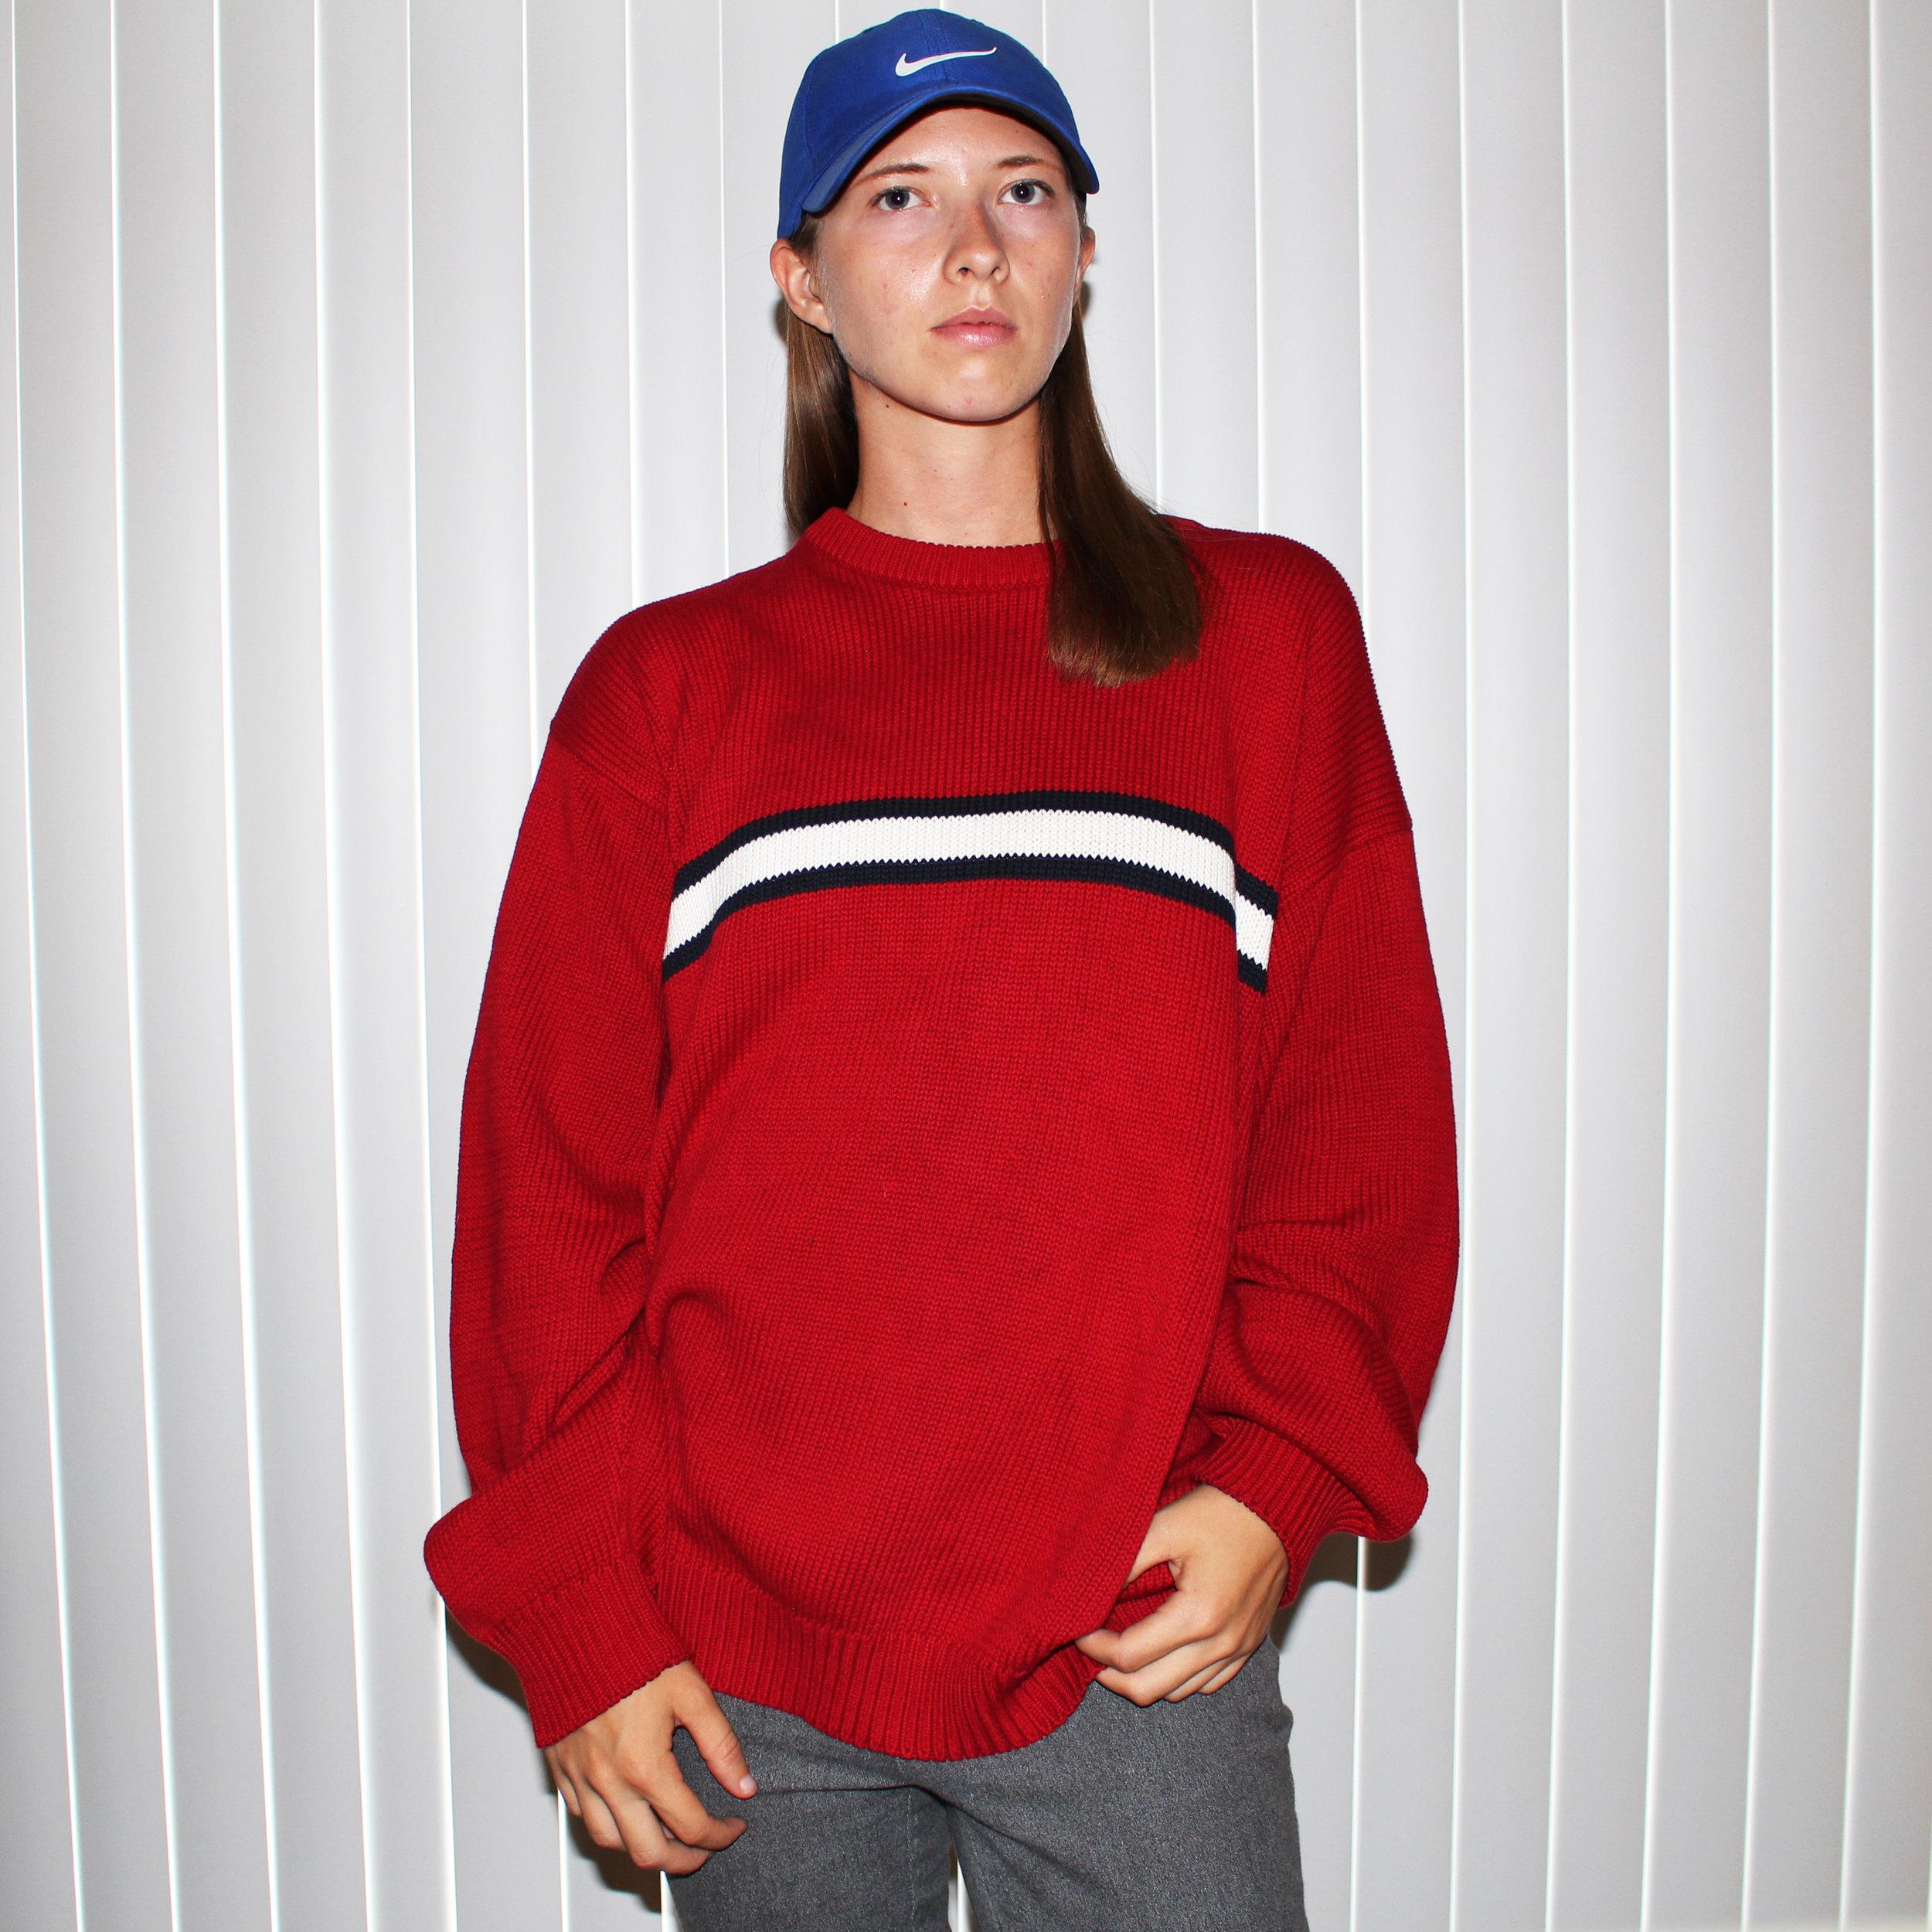 redsweater1.jpg